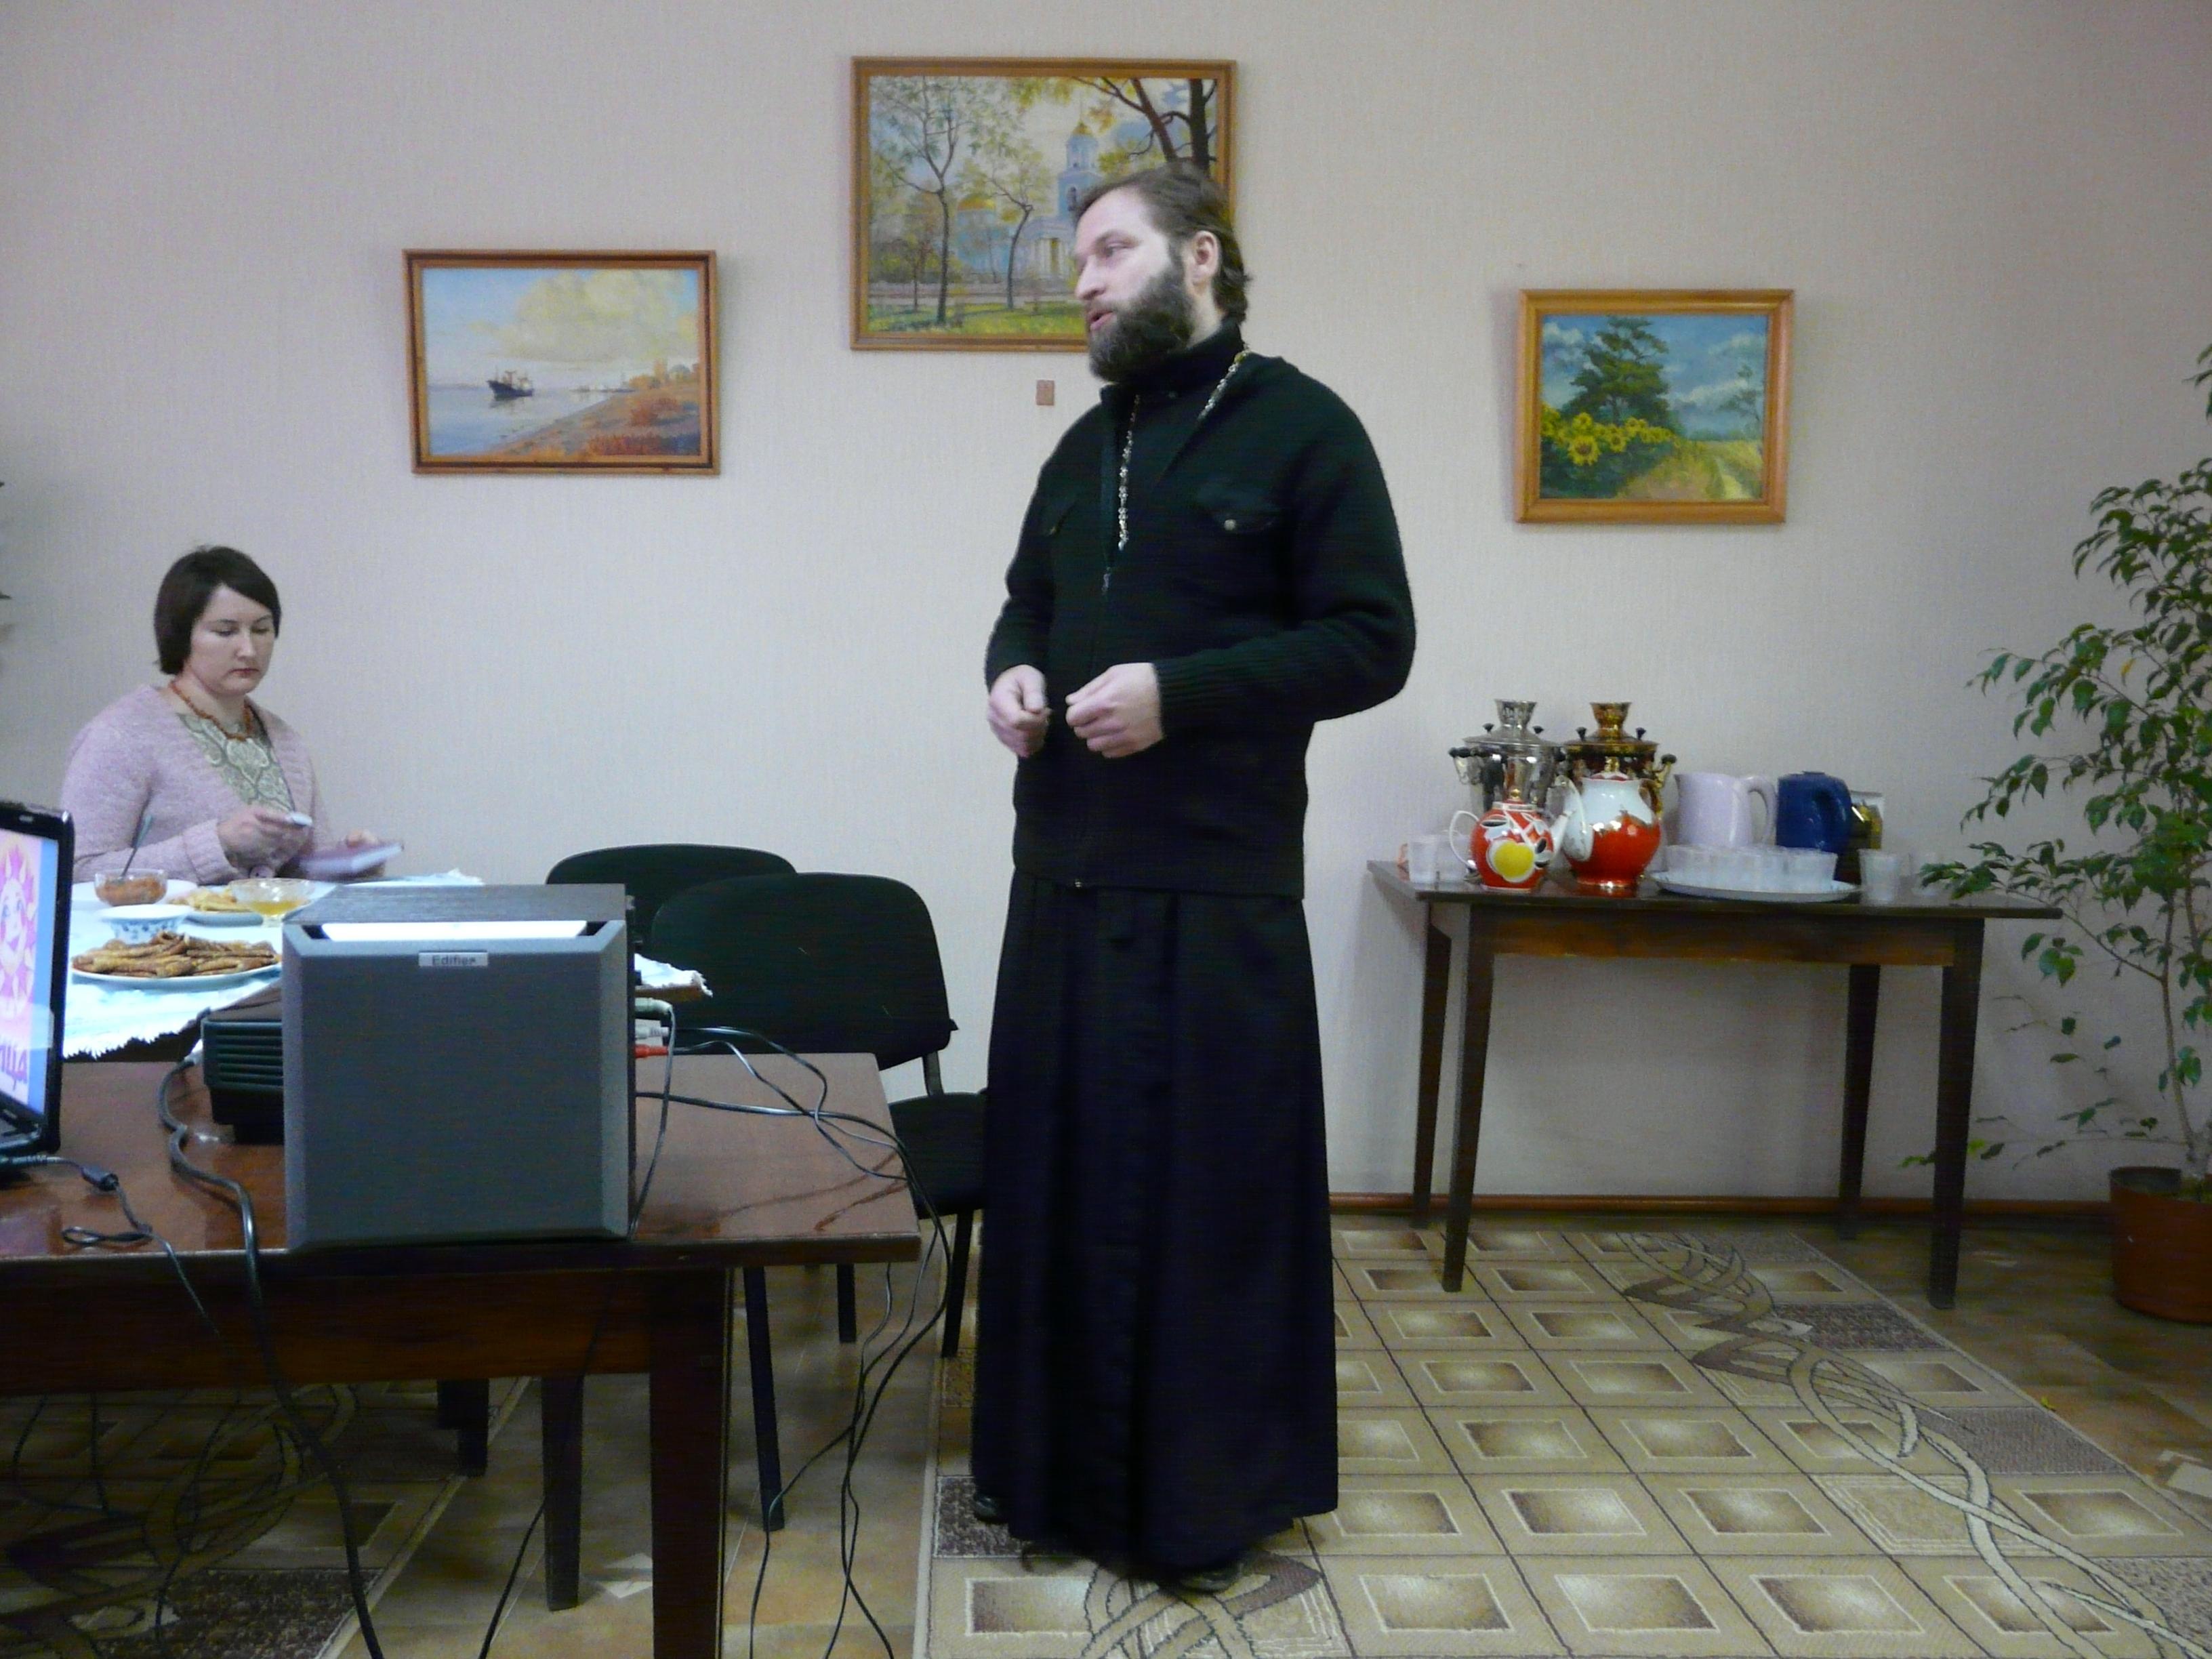 Измаил: Библиотека Котляревского угощает блинами